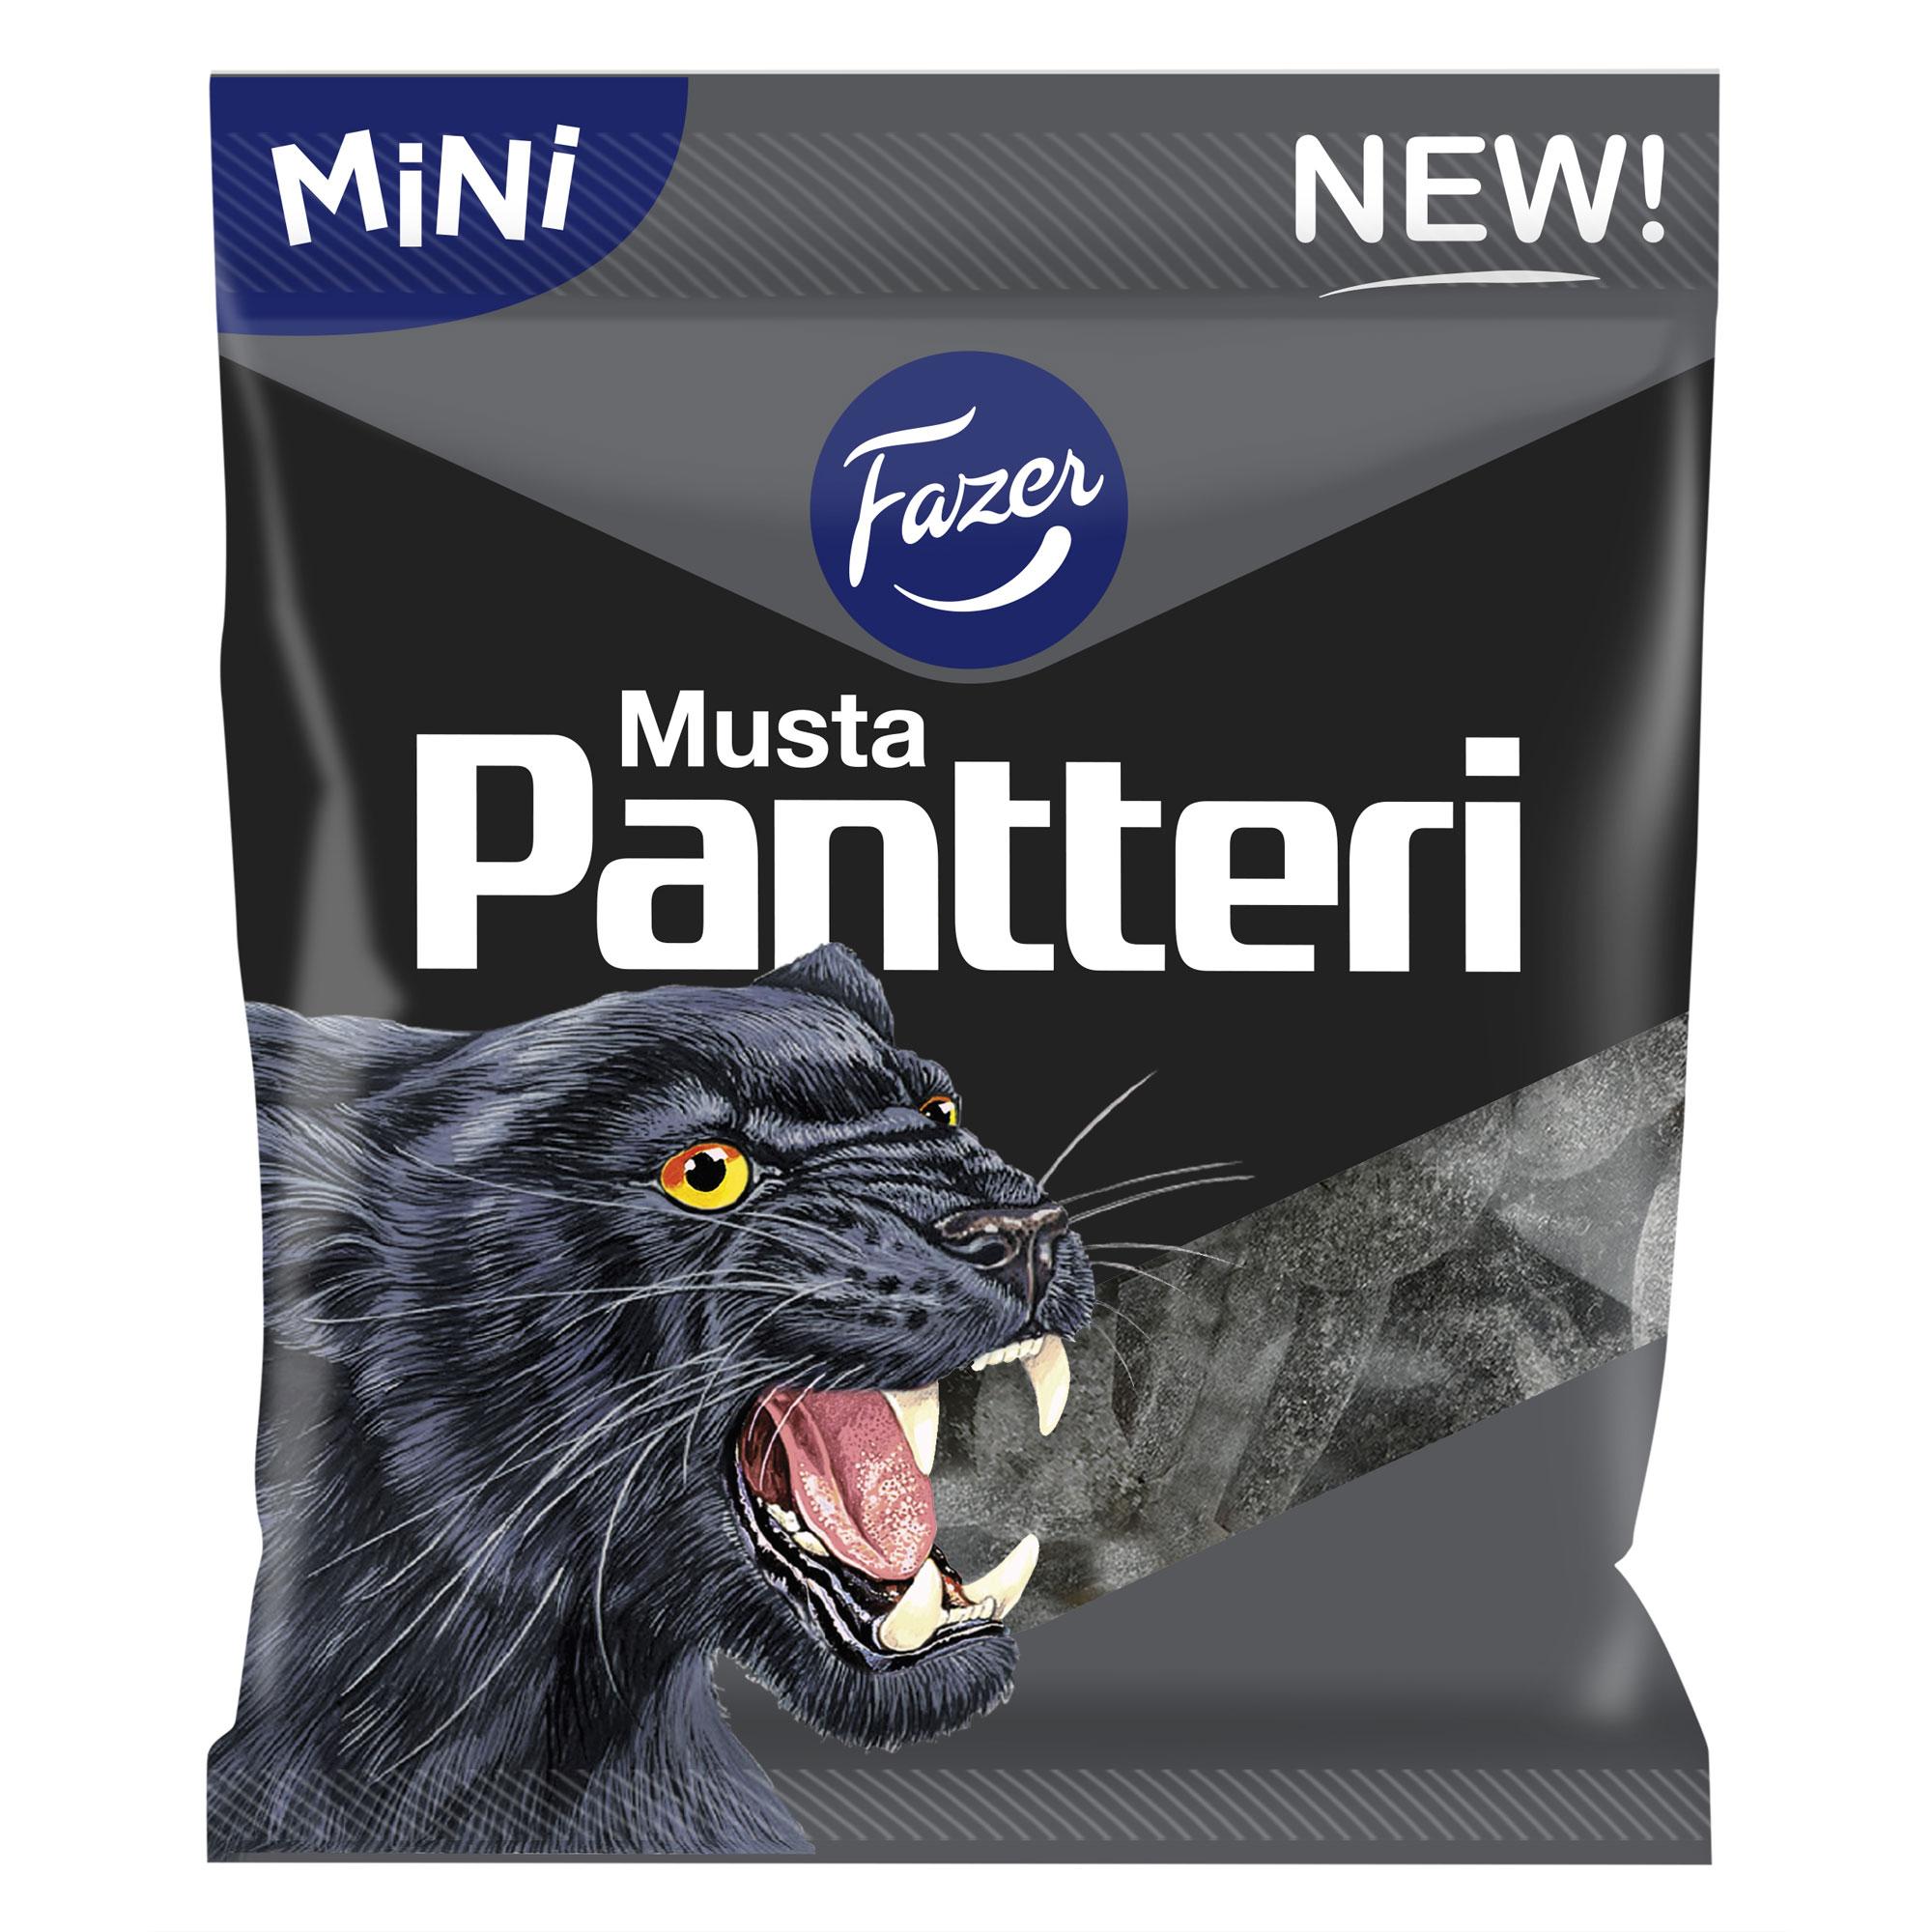 Pantteri